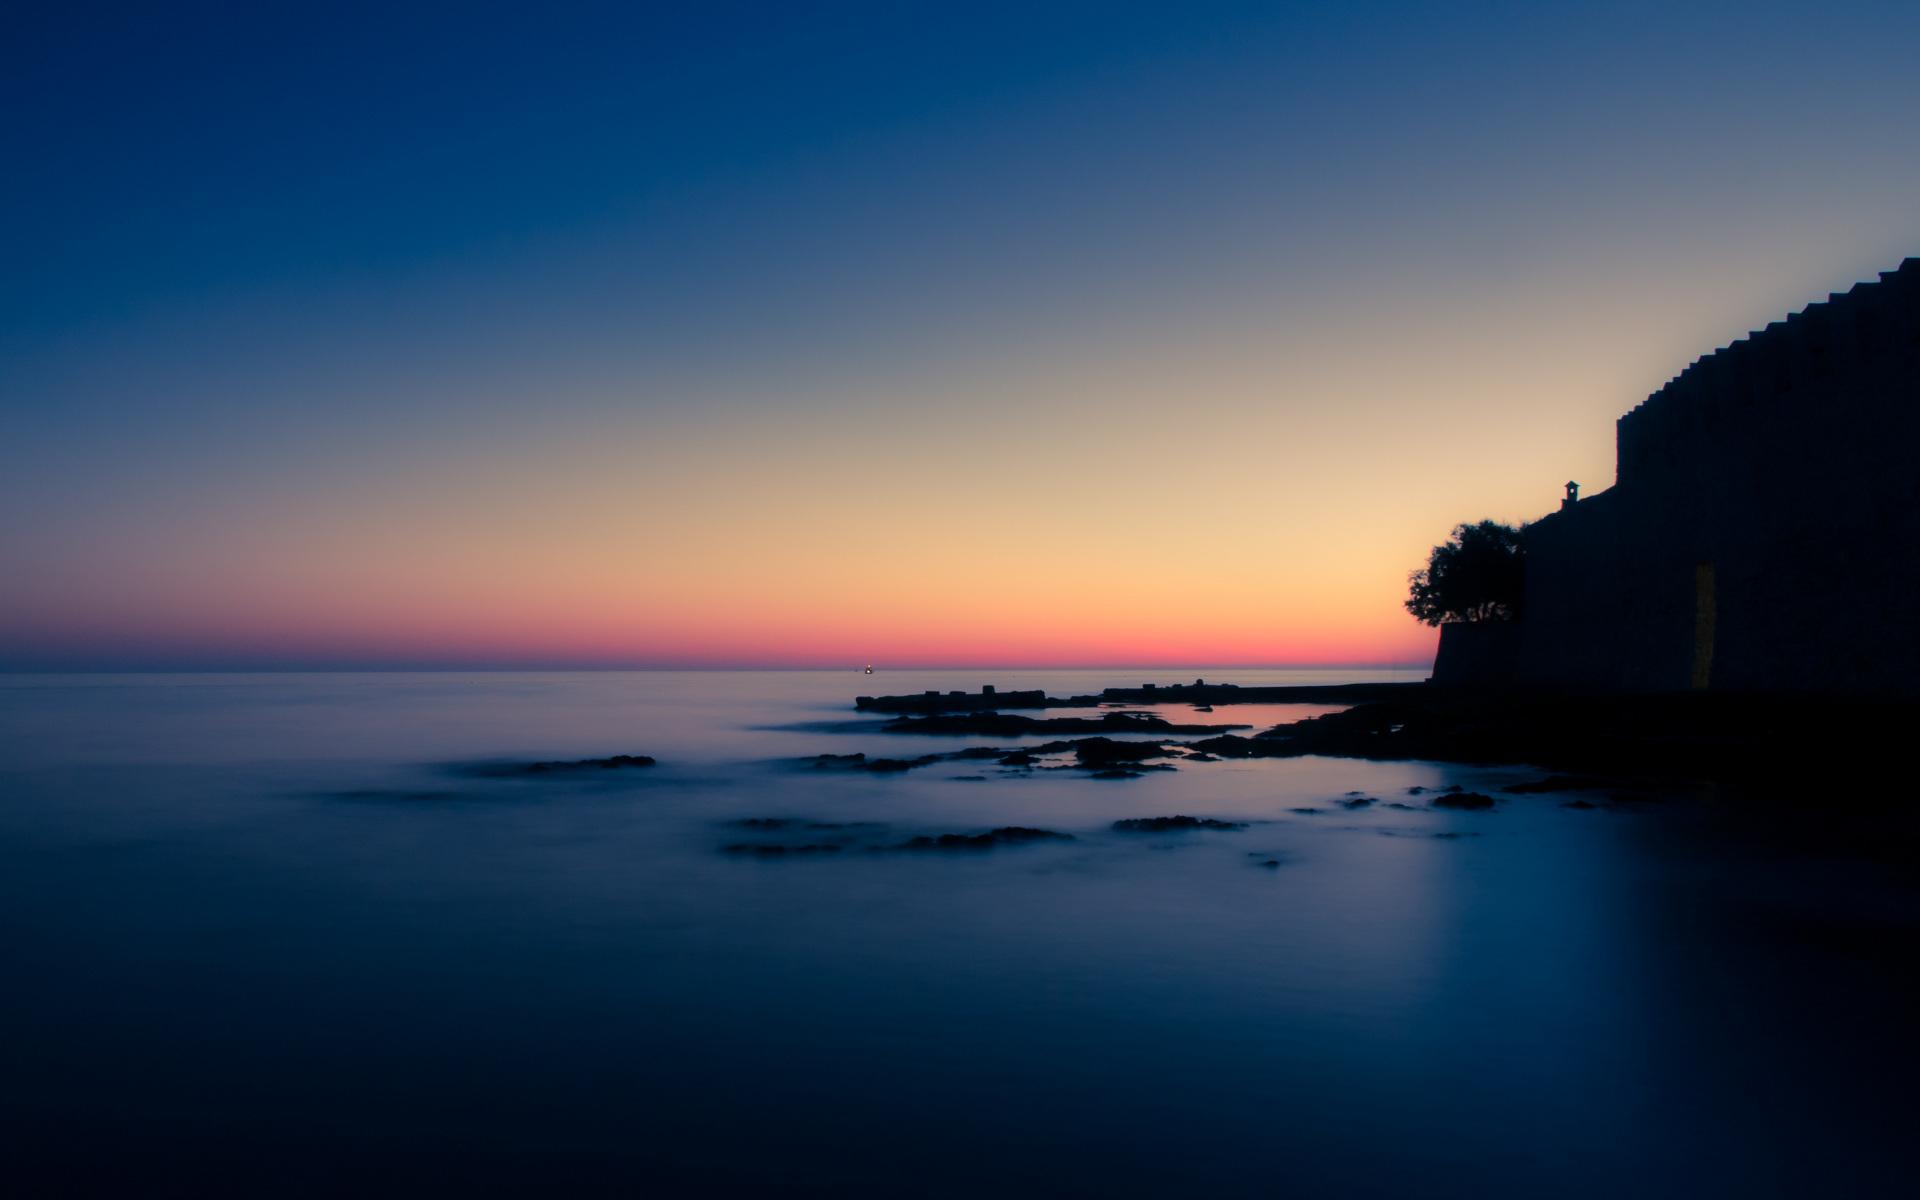 sea HD Dawn Wallpapers